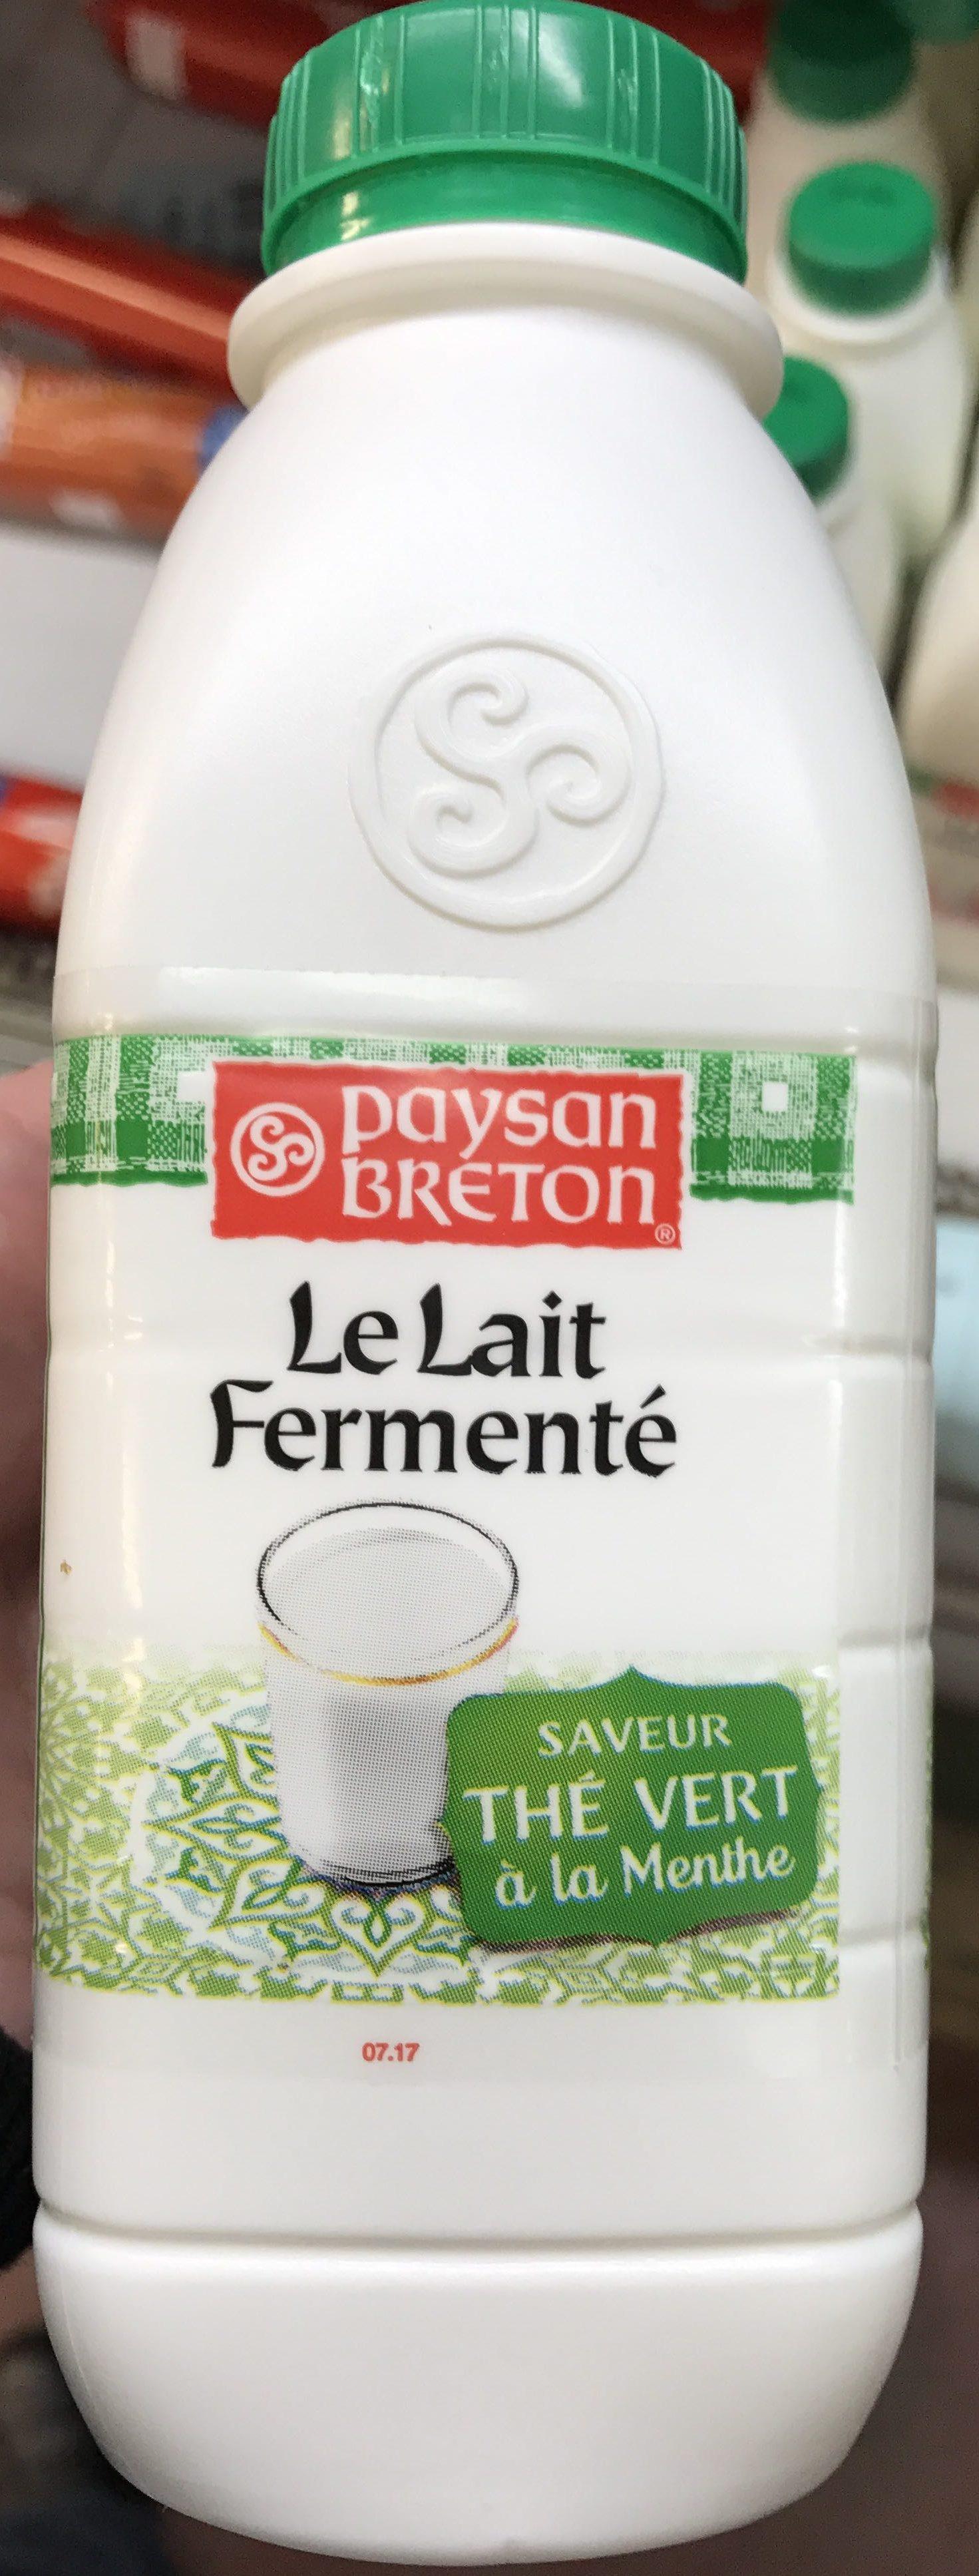 Le Lait Fermenté saveur Thé vert à la menthe - Product - fr